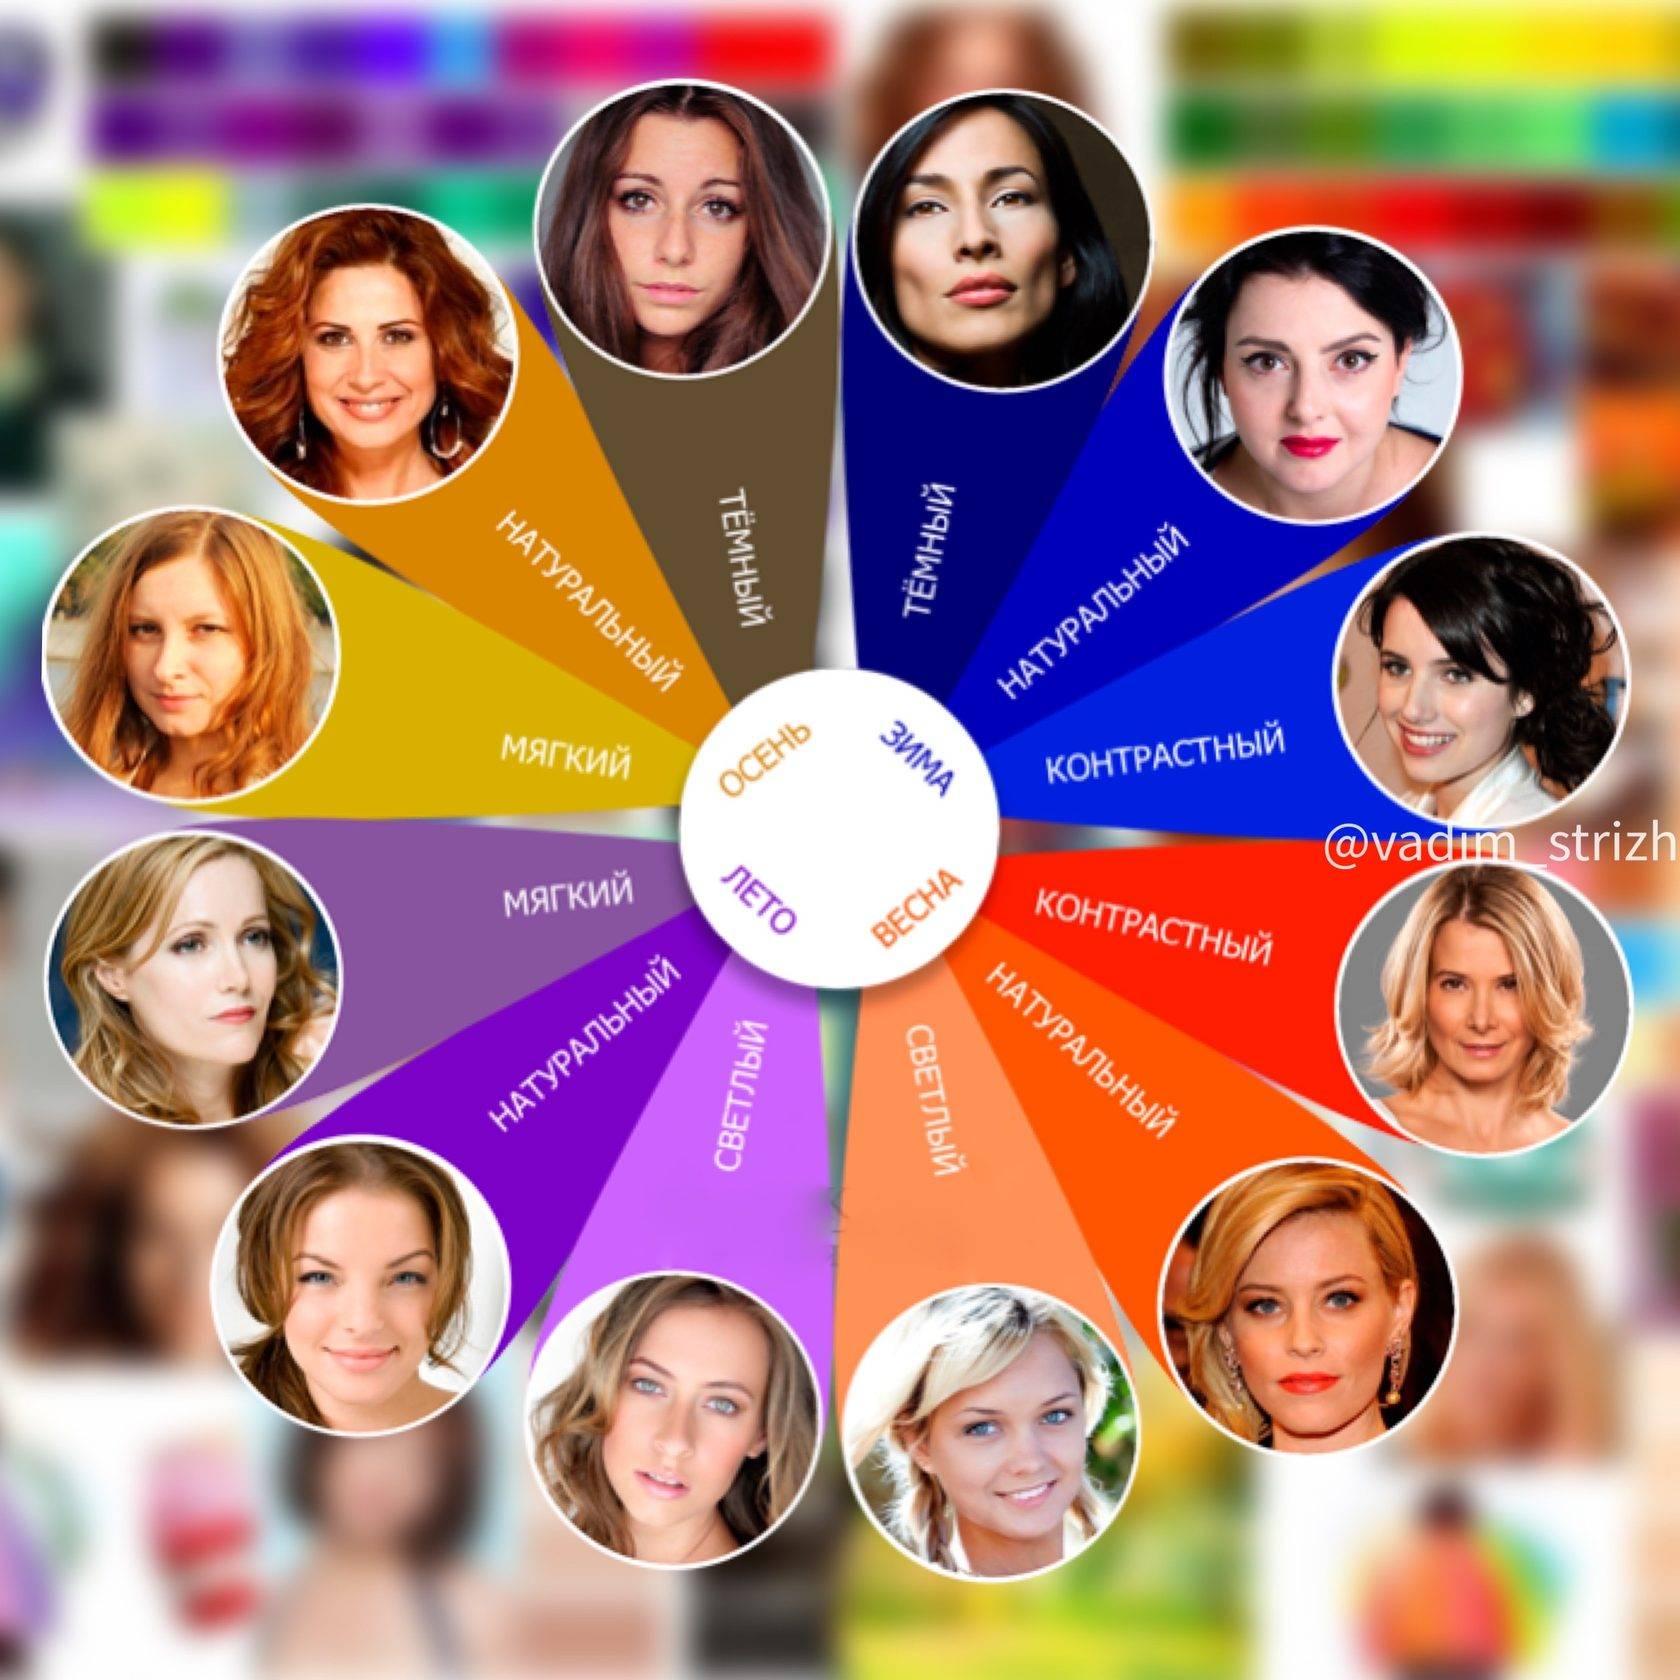 Шпаргалка для определения цветотипа внешности — приколись — смешные приколы — видео про животных, полезные истории, картинки о путешествиях